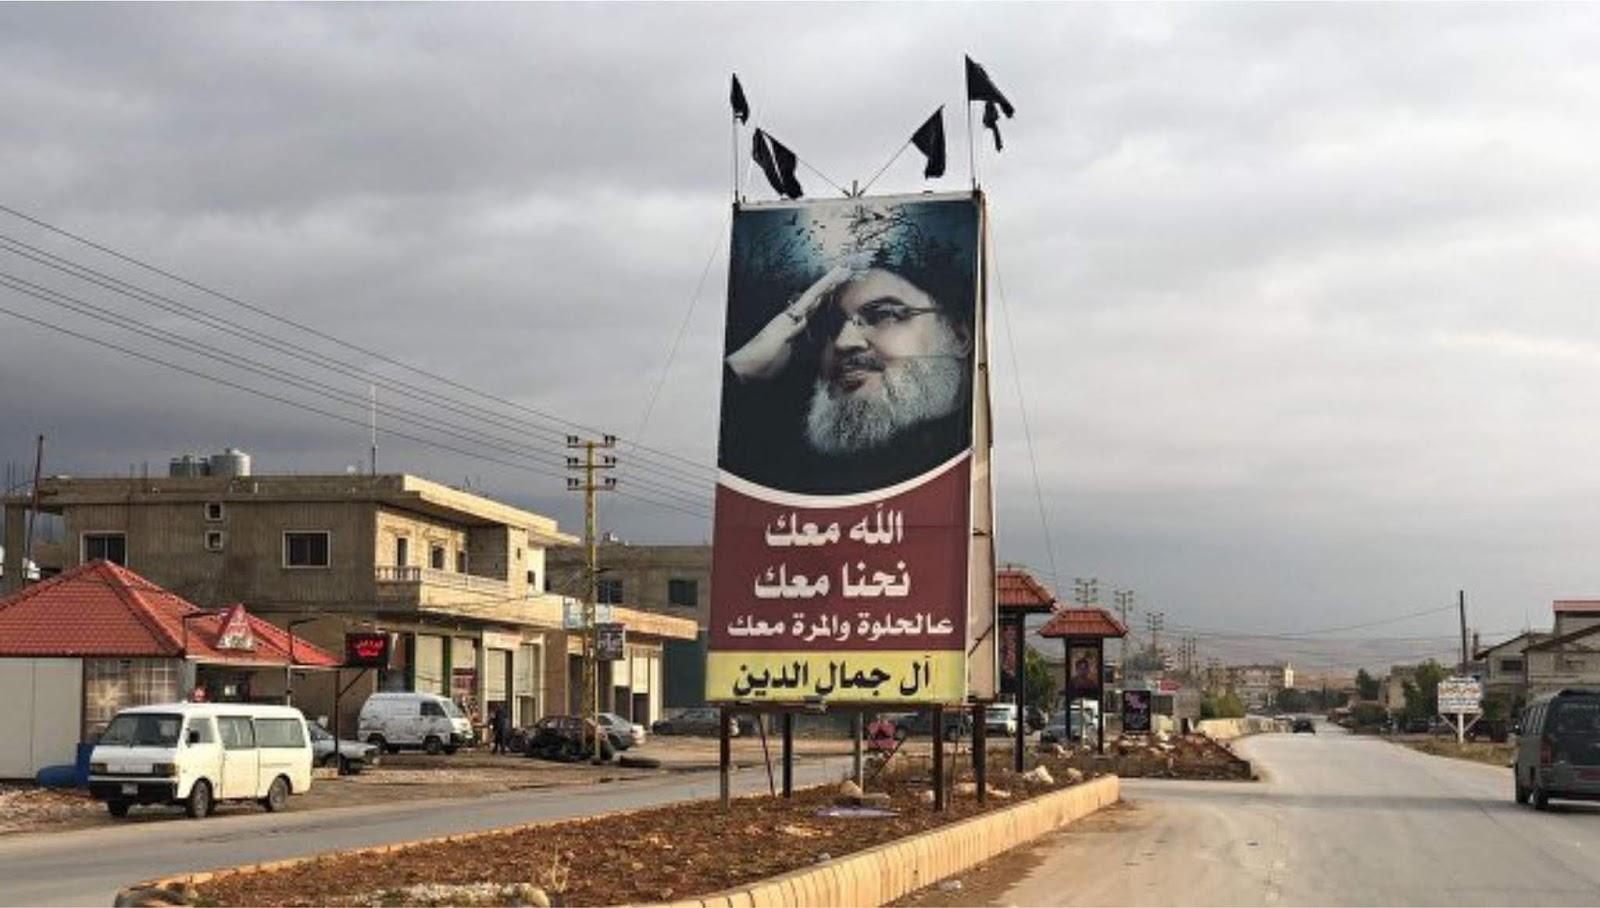 Hizbullah berjanji untuk menanggapi setiap agresi Israel